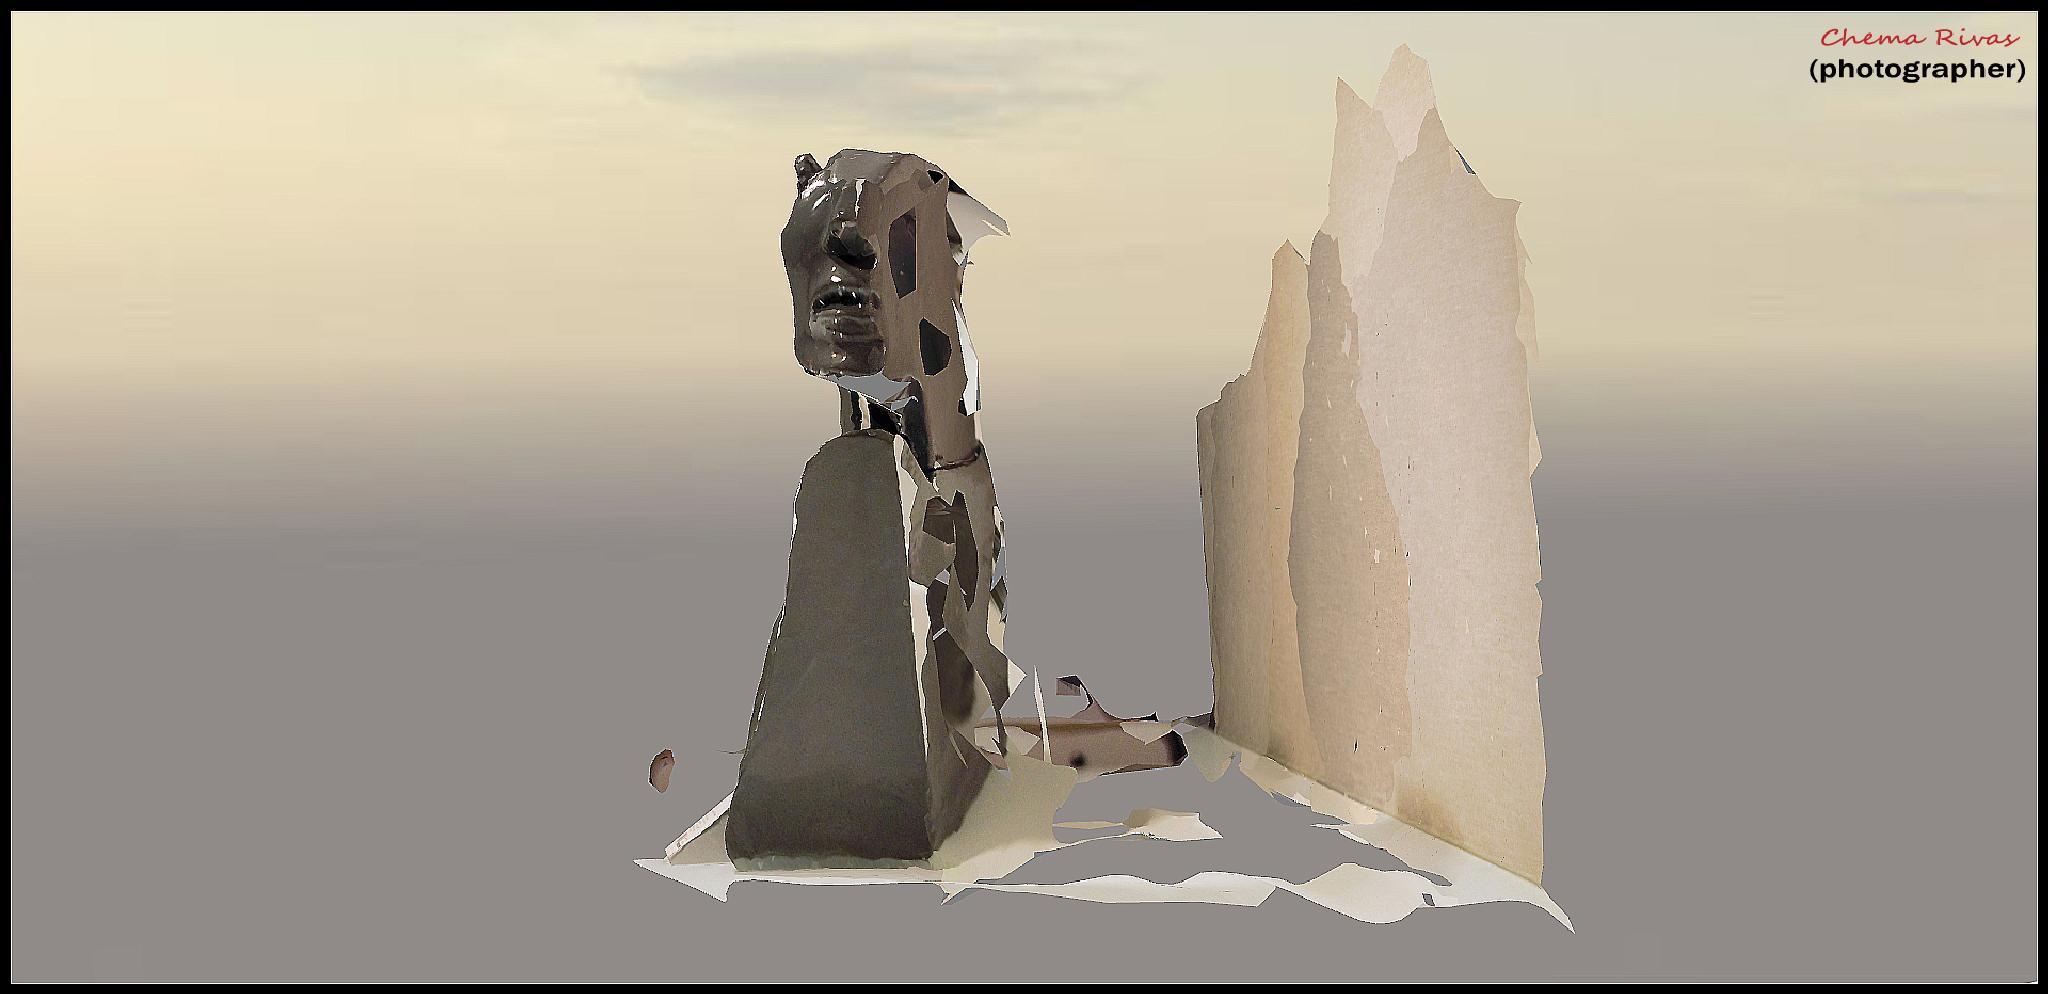 Estatua Escayola 1 by Chema Rivas